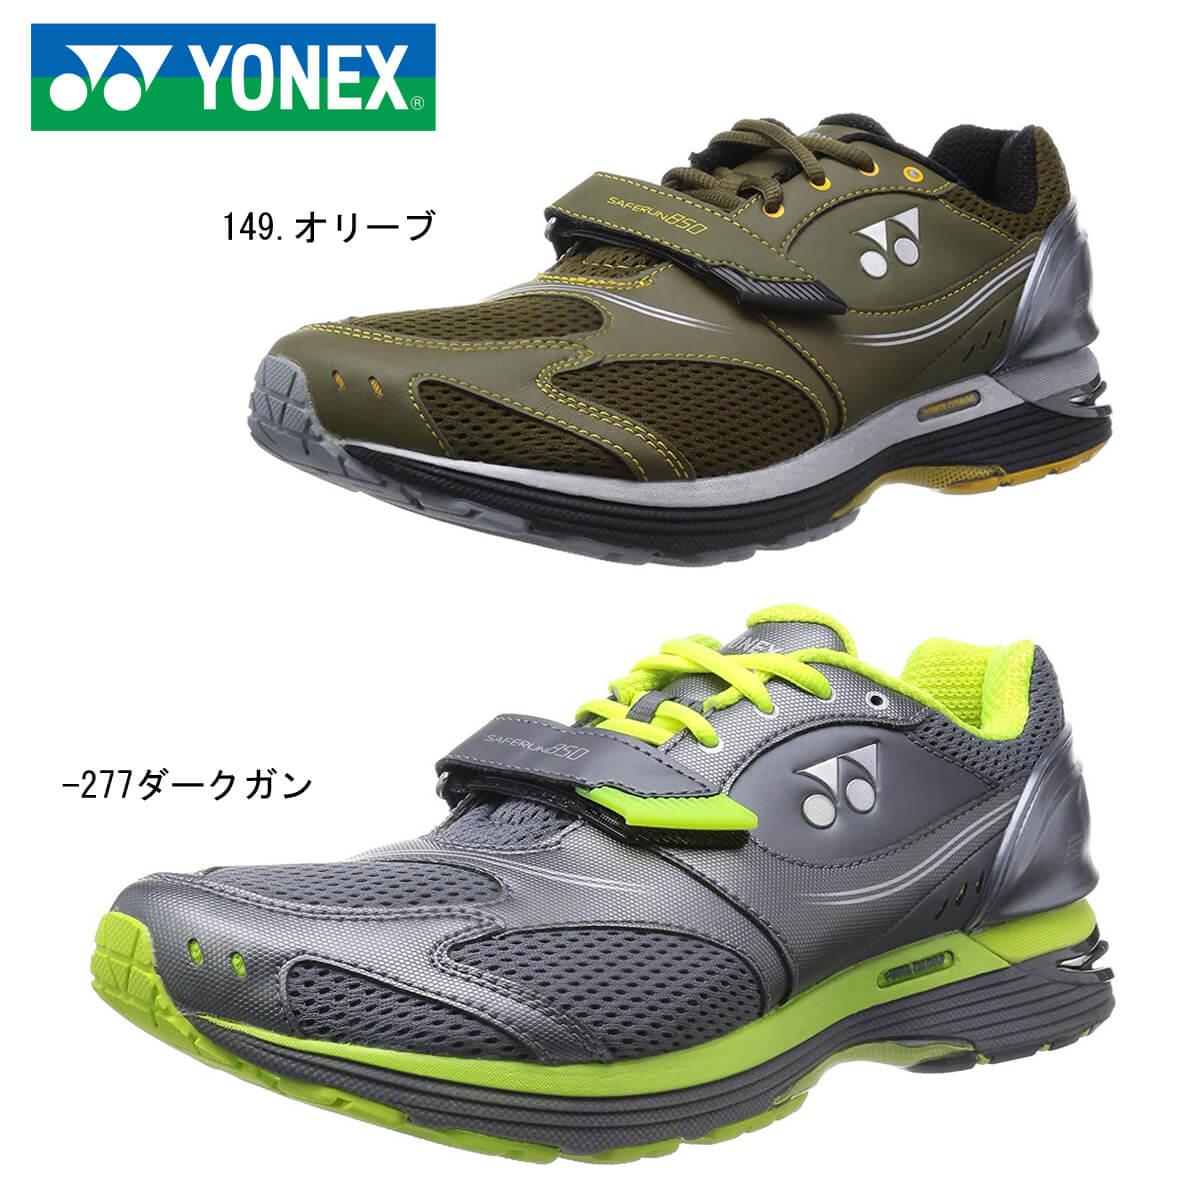 【超特価】YONEX SHR850M SAFERUN 850 ランニングシューズ ヨネックス